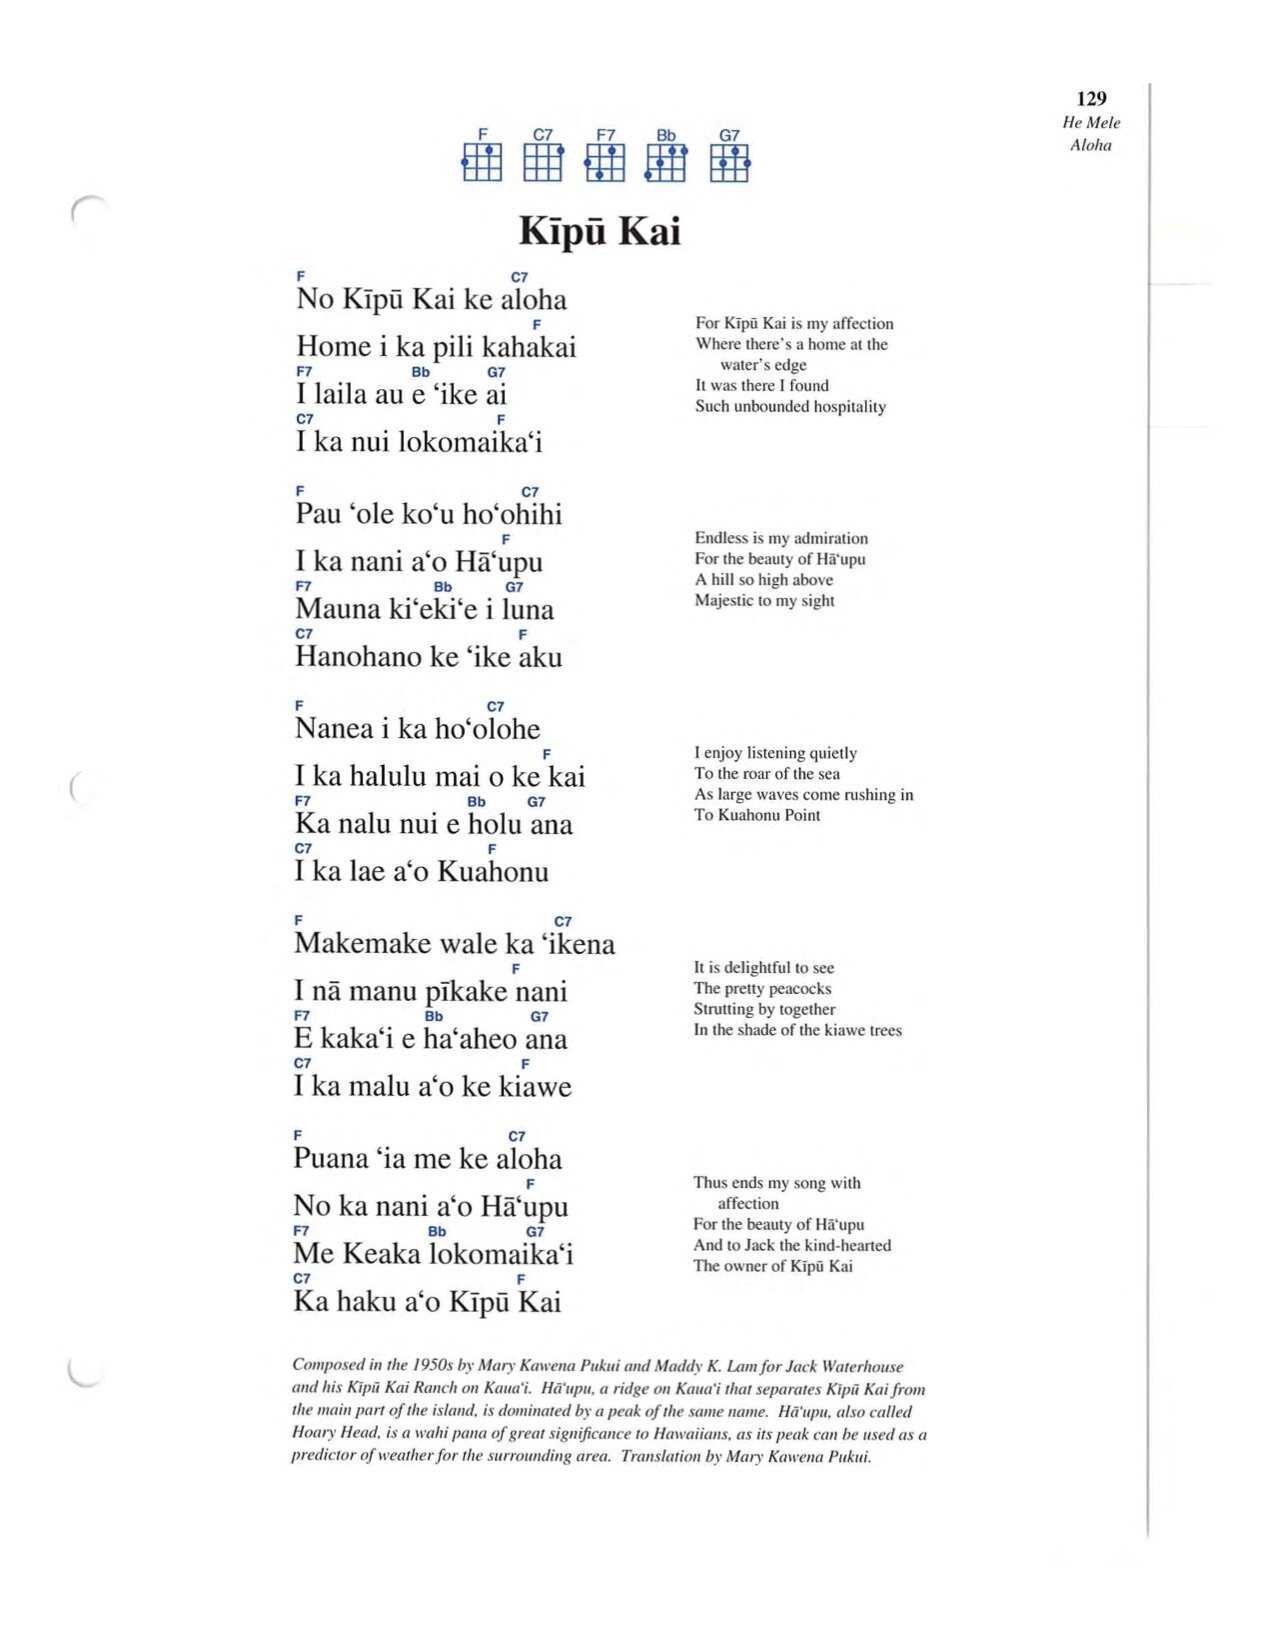 129-Kipu-Kai.jpg